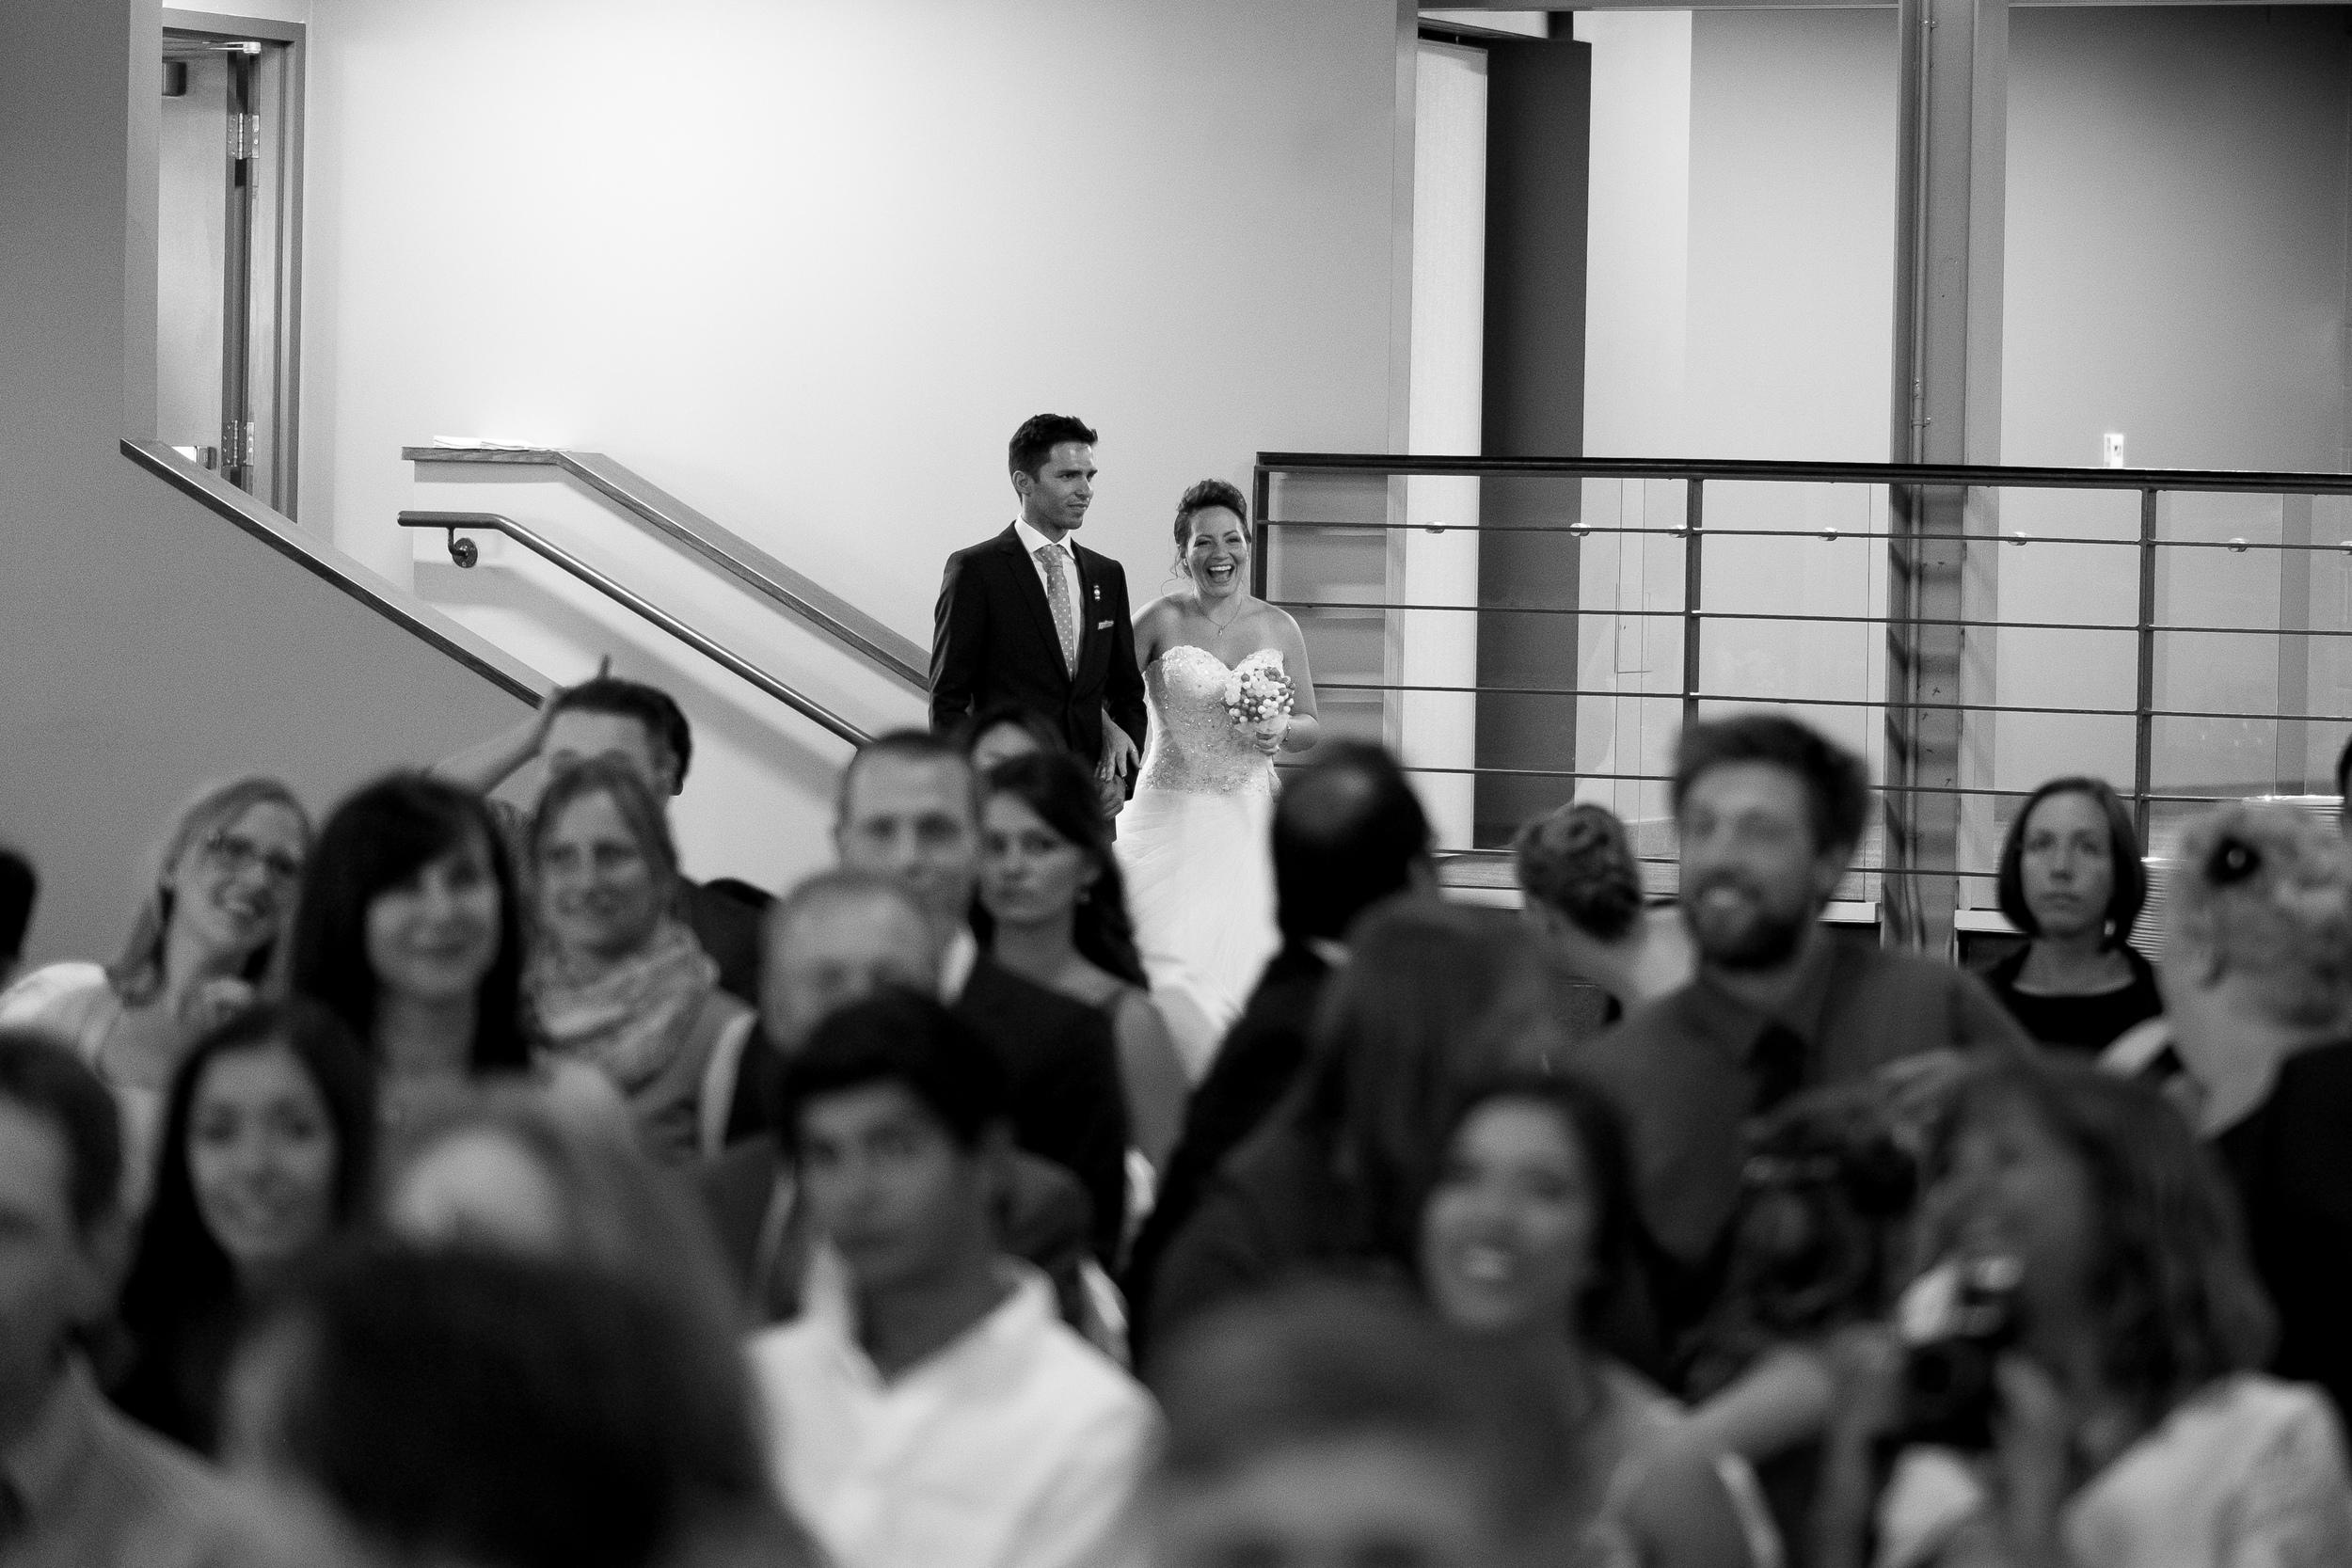 waterloo-wedding-photography-008.jpg